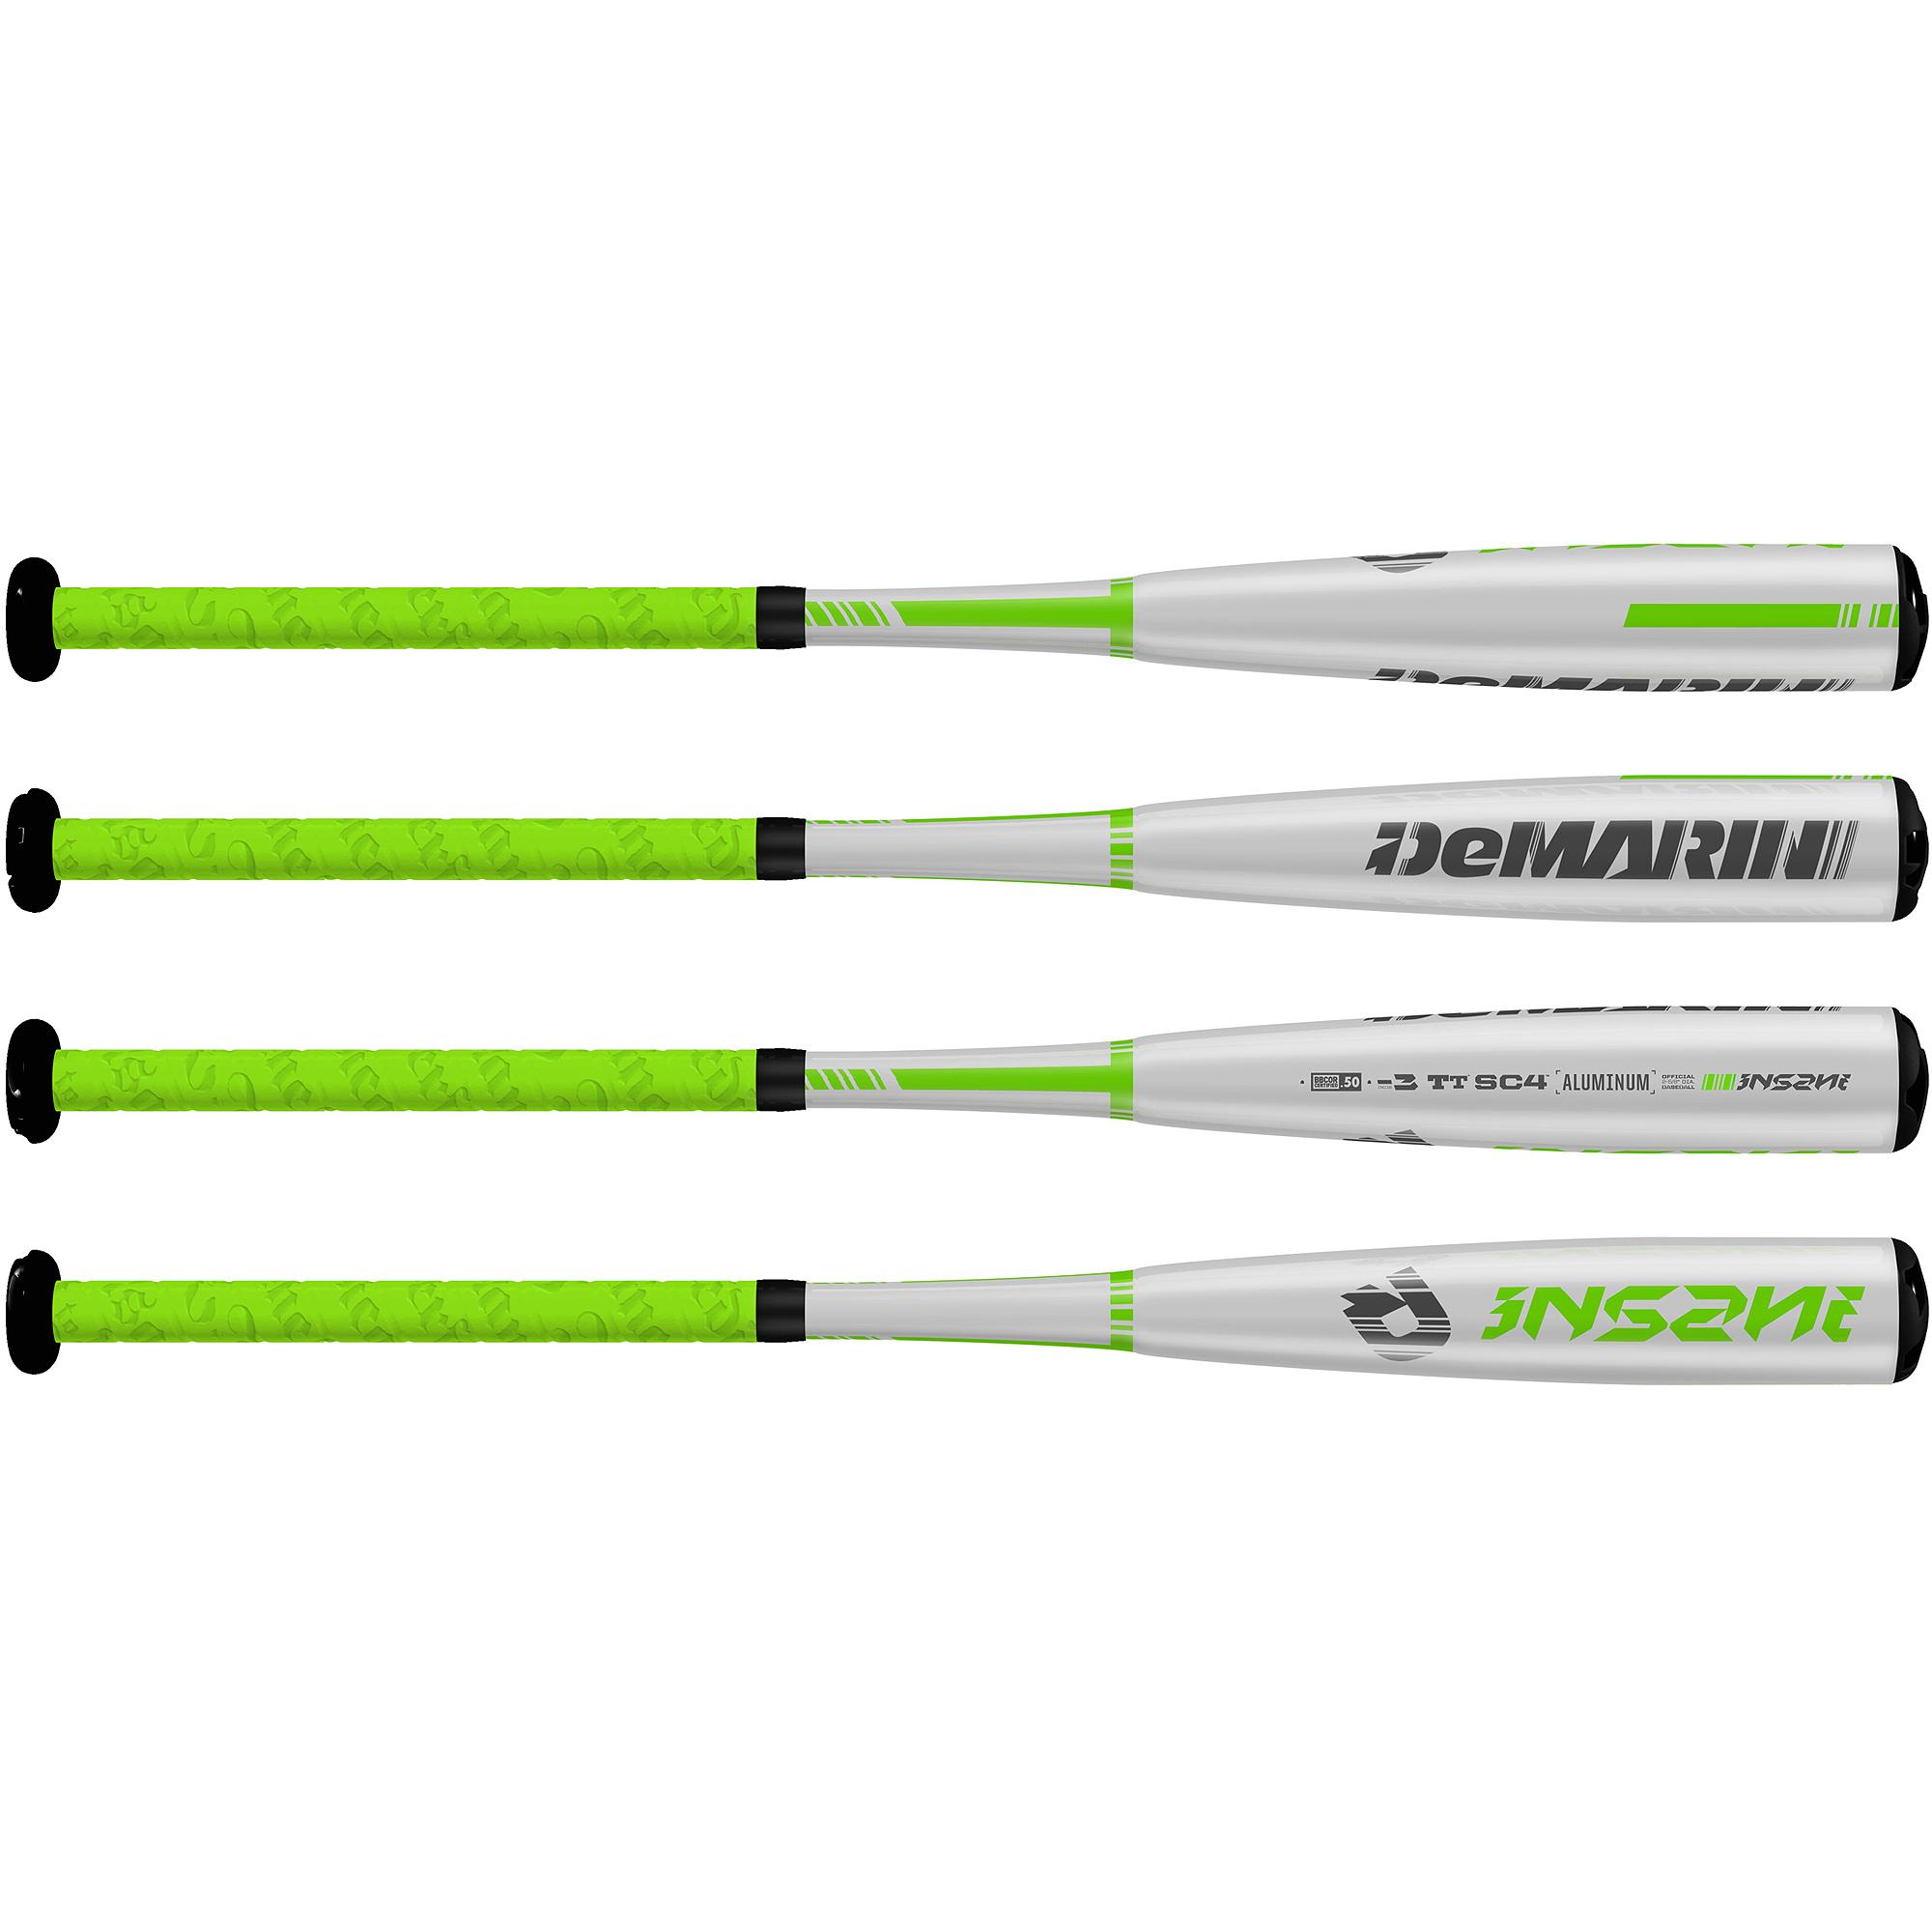 DeMarini Insane BBCOR -3 Adult Baseball Bat